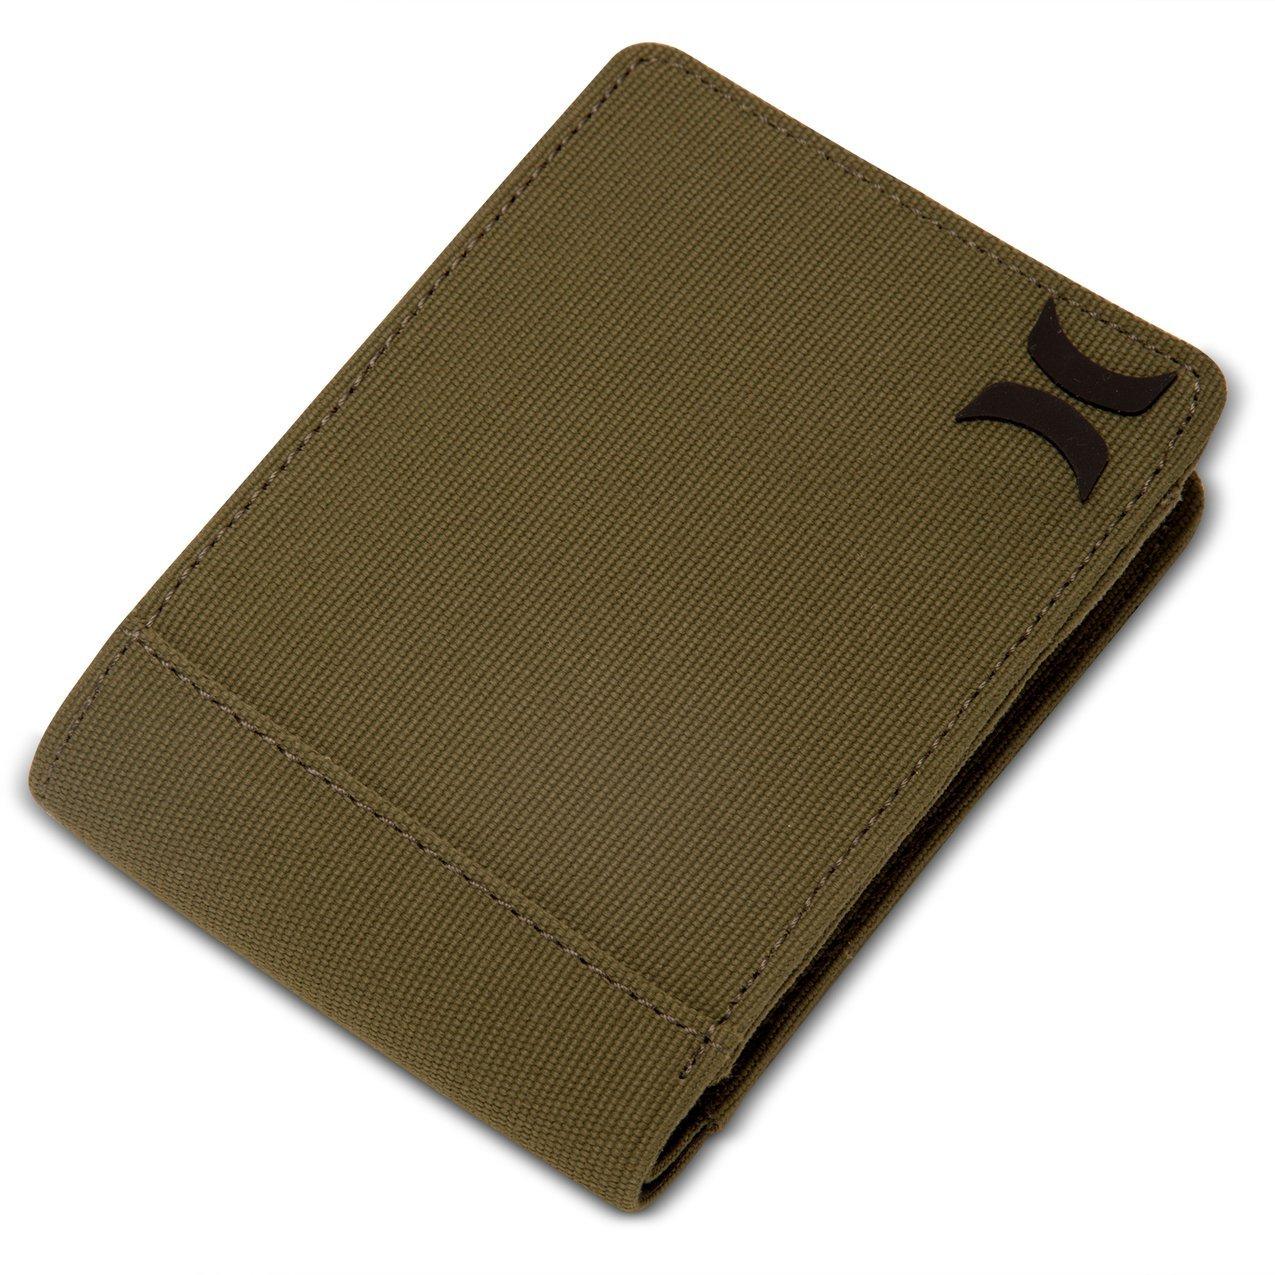 Hurley HU0025 Men's Collide Wallet, Olive Canvas - OS